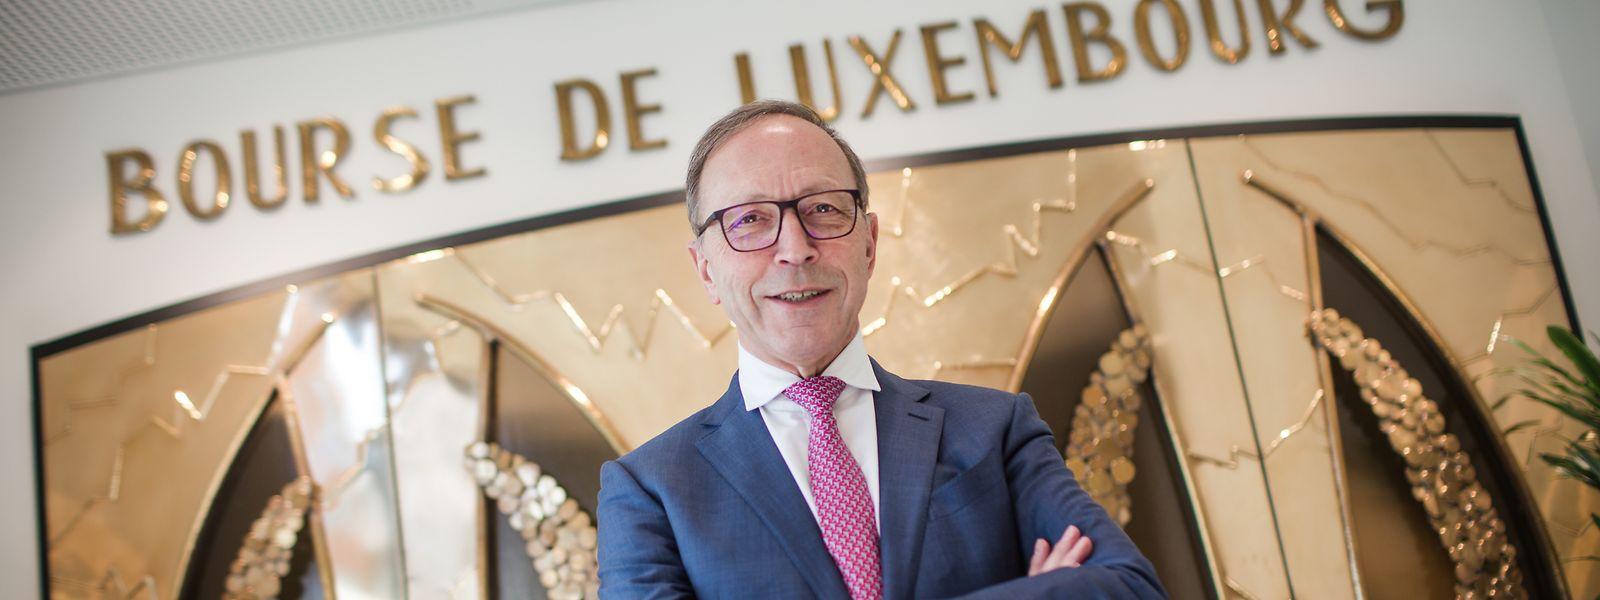 Robert Scharfe leitete die Luxemburger Börse neun Jahre lang und prägte ihr einen nachhaltigen Stempel auf.